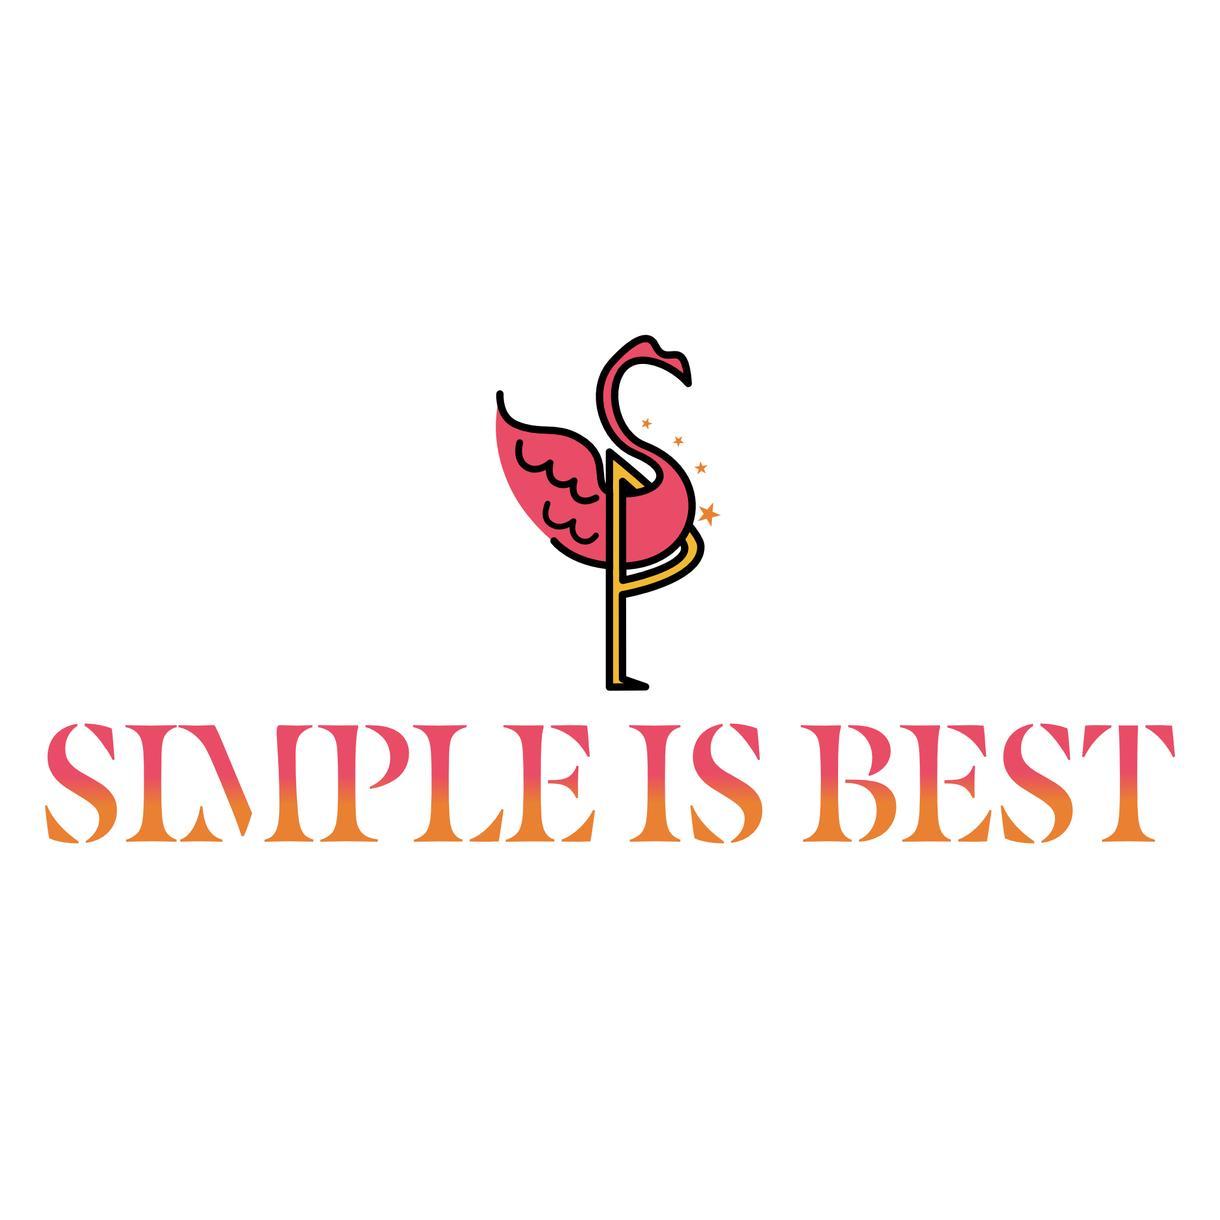 シンプルでもオリジナリティ溢れるデザイン作ります 各種企業も多数利用!社名ロゴや商品ロゴを安心の低価格で♪ イメージ1